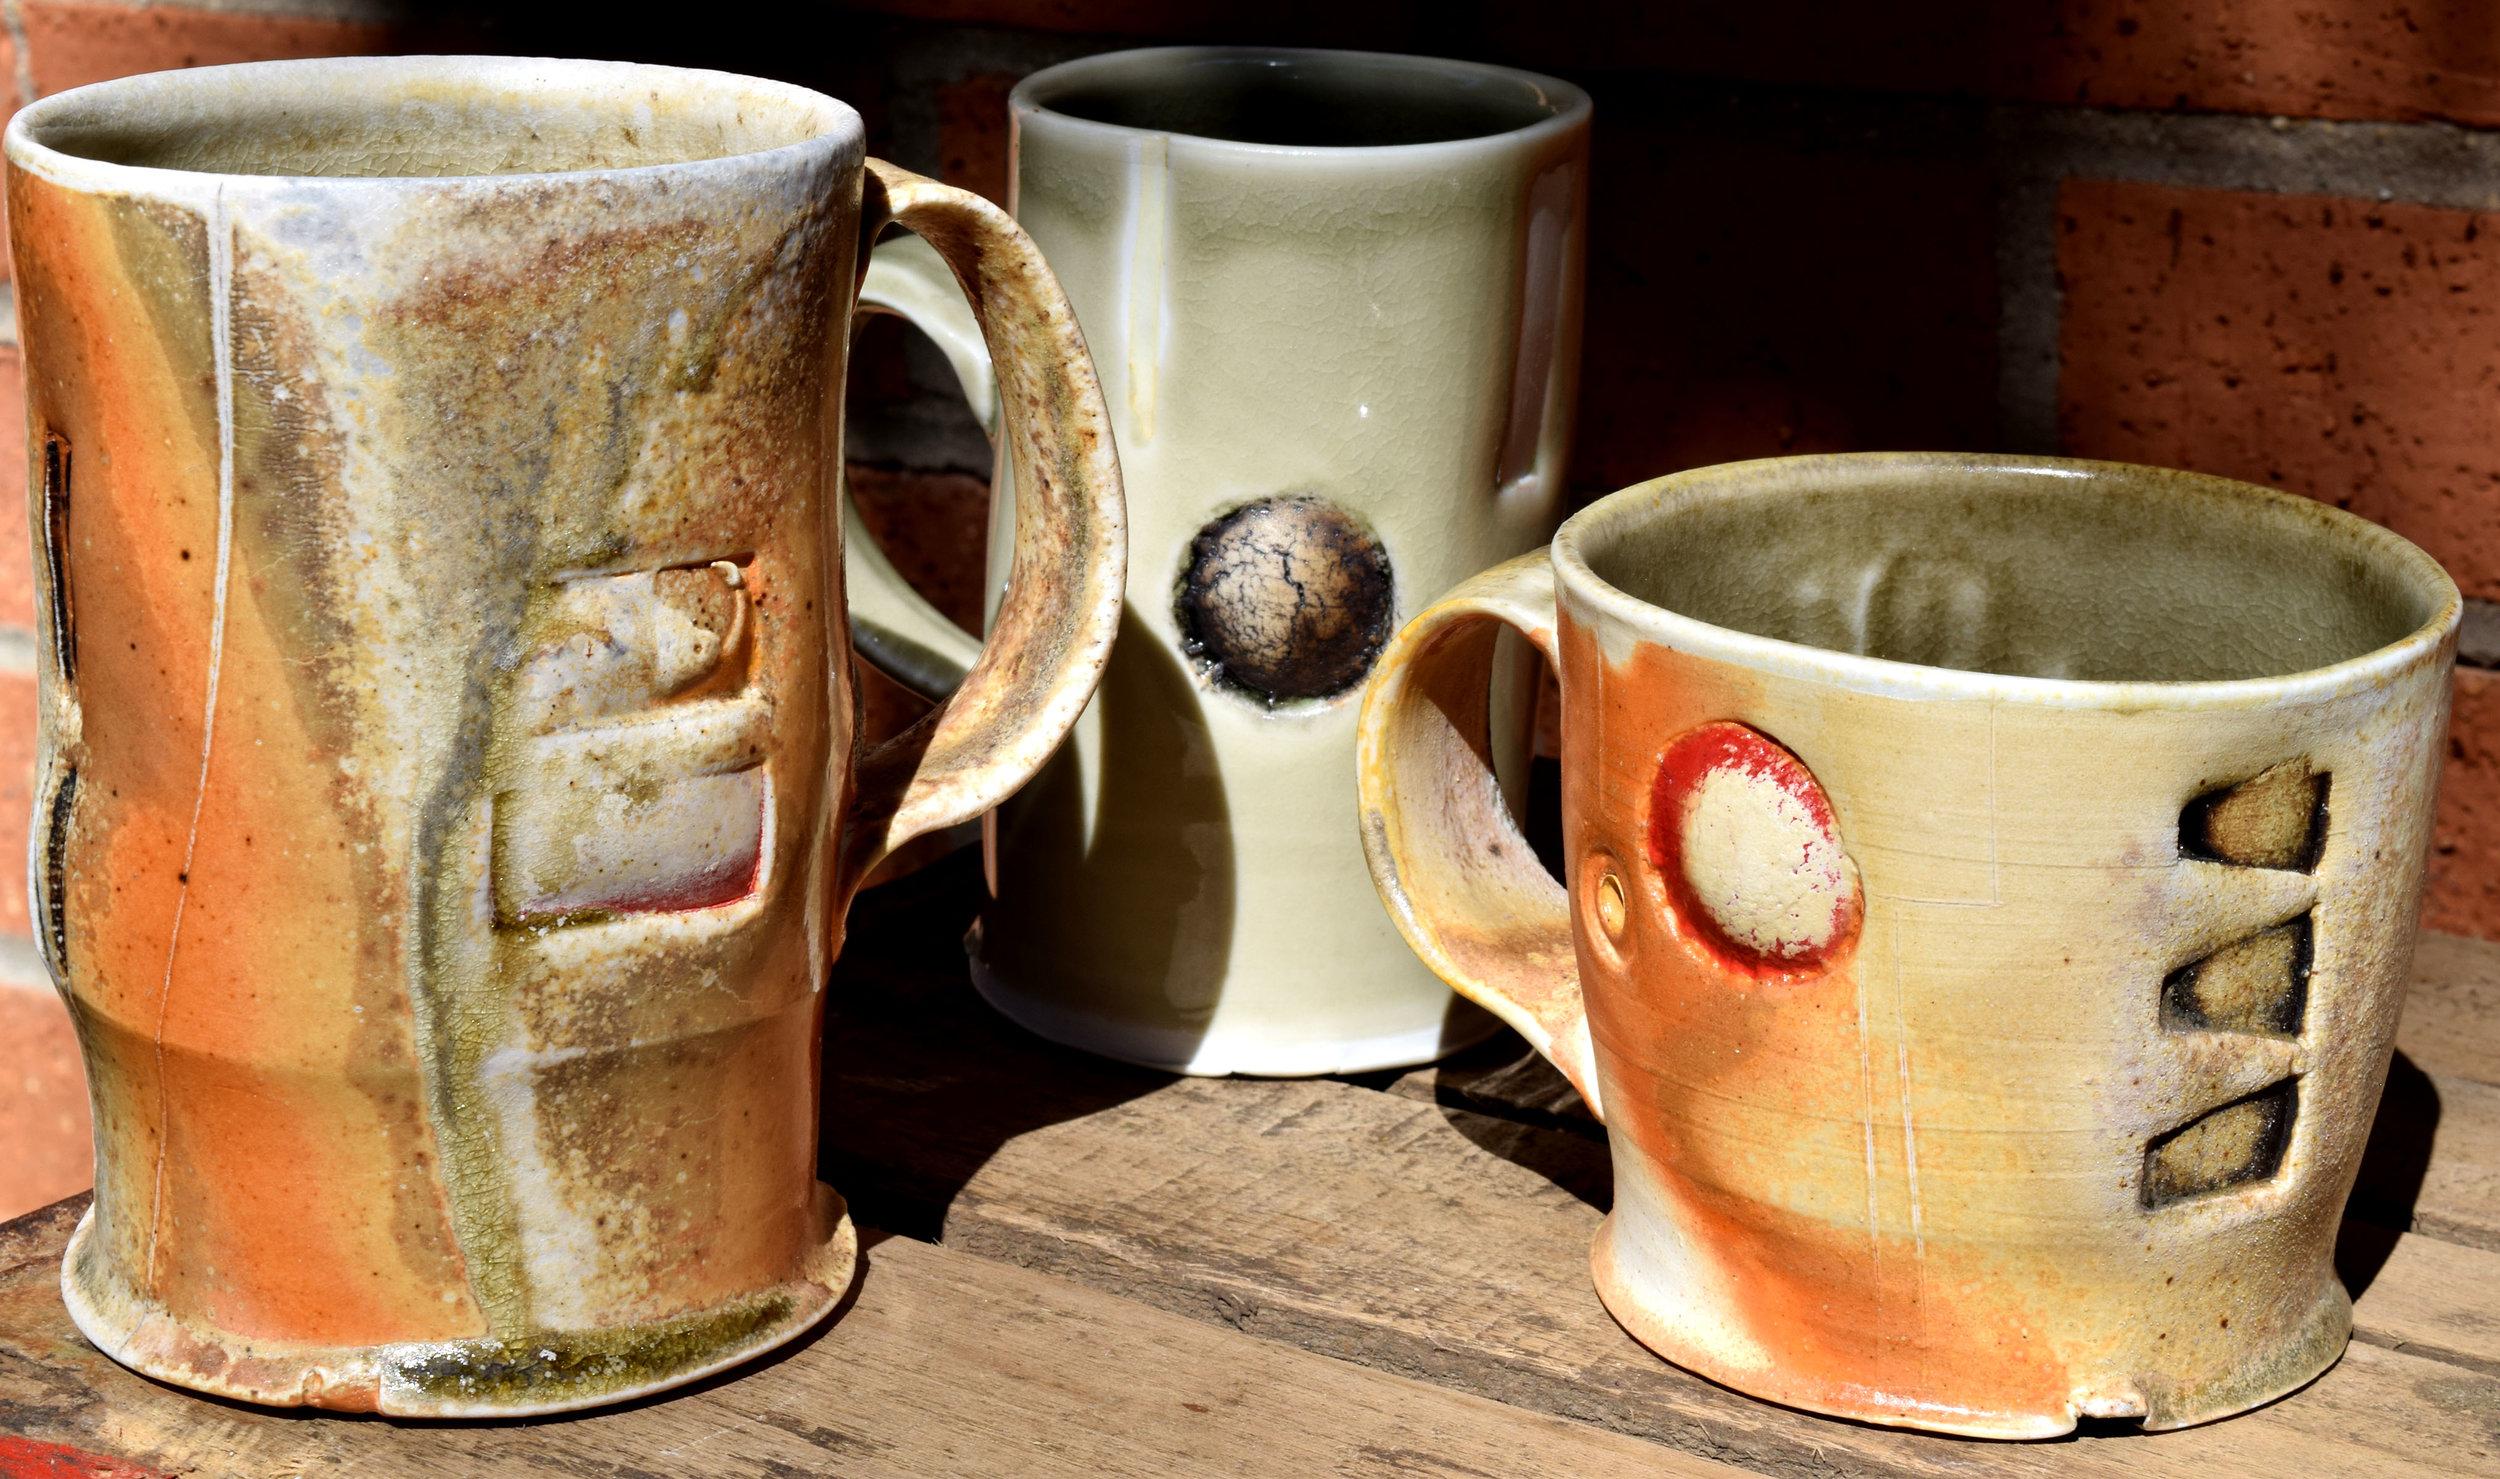 pots in sun 2.jpg